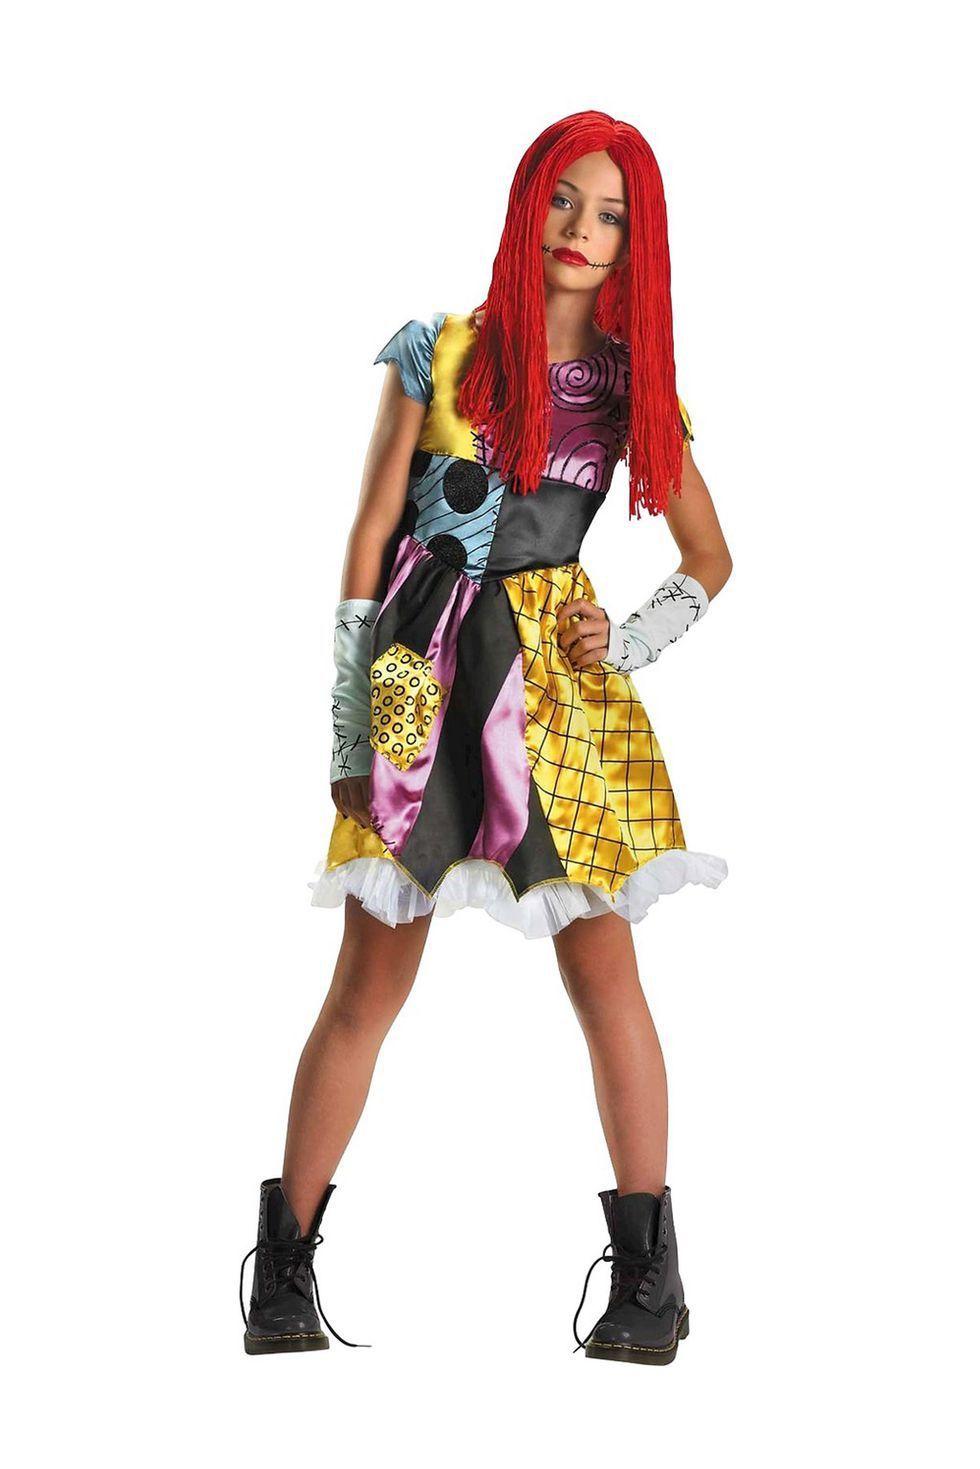 Sally The Ragdoll Costume Diy Diy Campbellandkellarteam